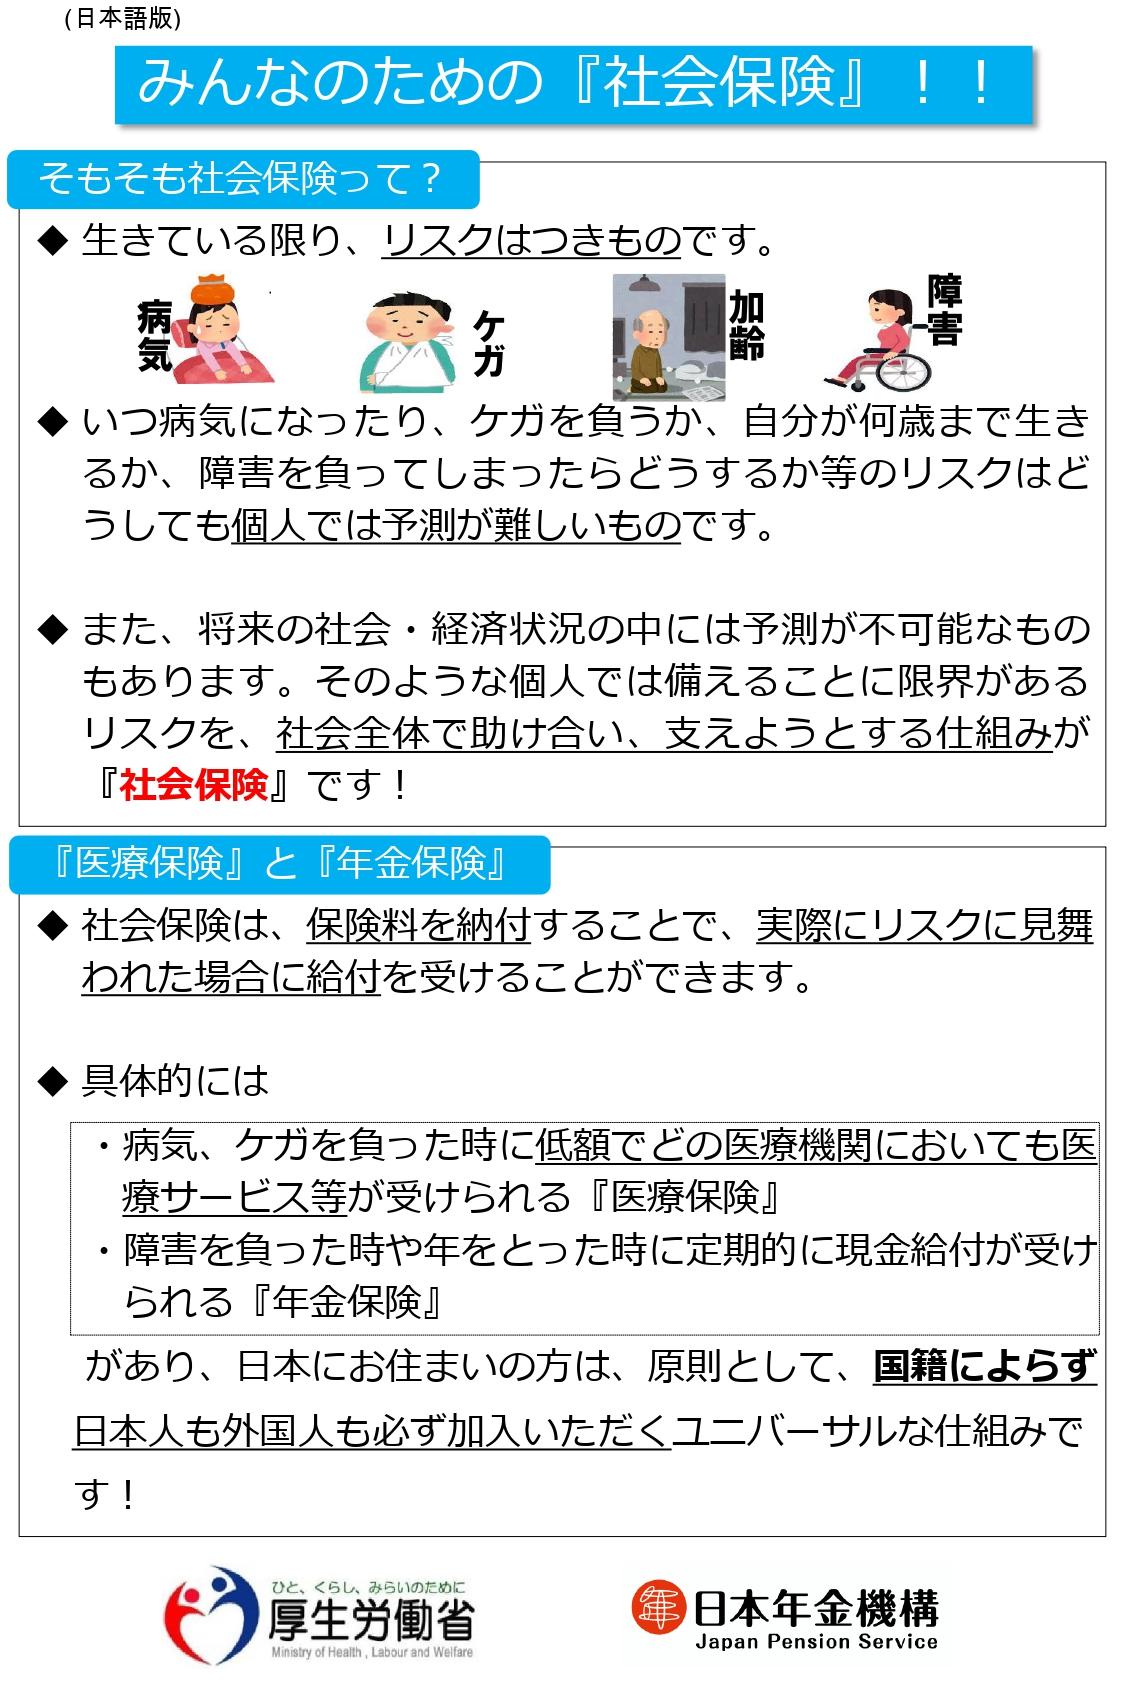 日本語Ver